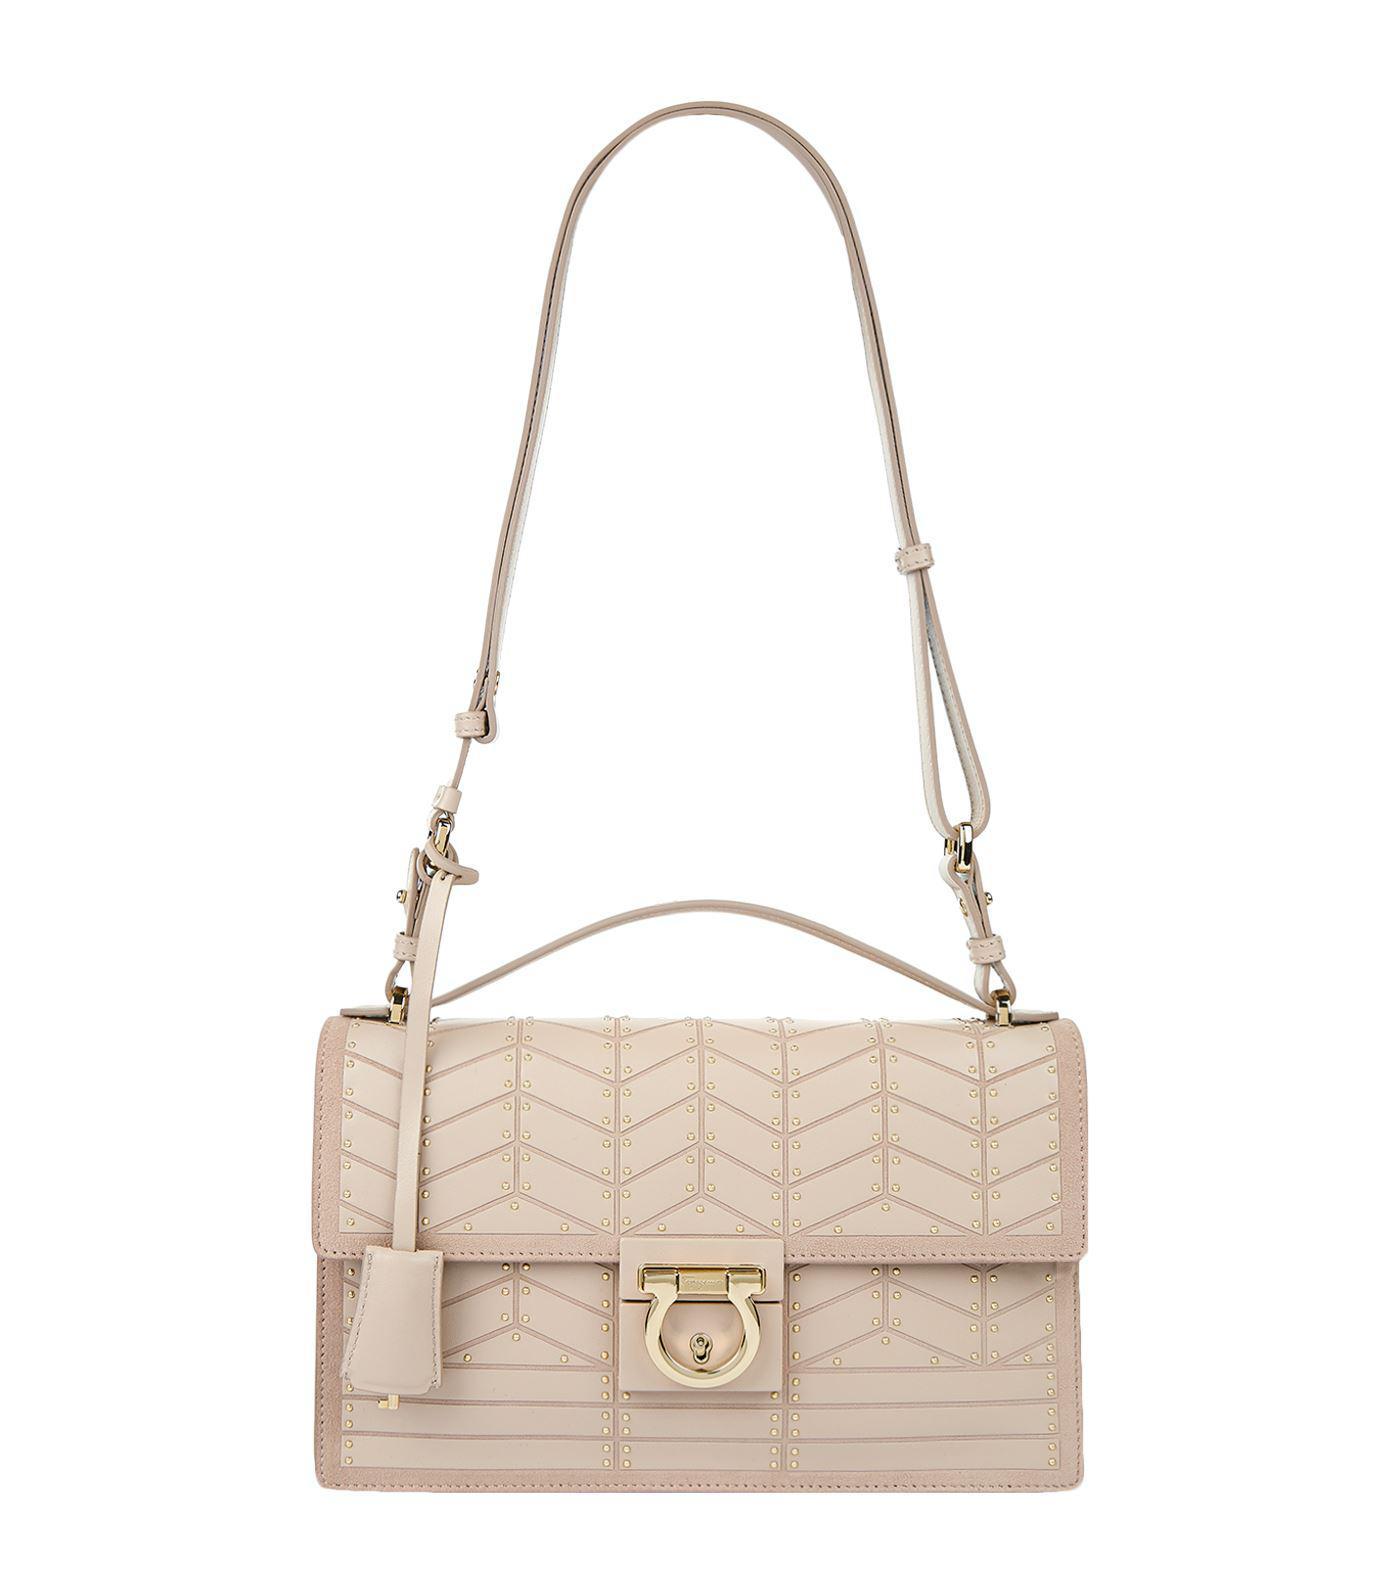 Ferragamo Medium Aileen Shoulder Bag in White - Lyst 1894416e1da14